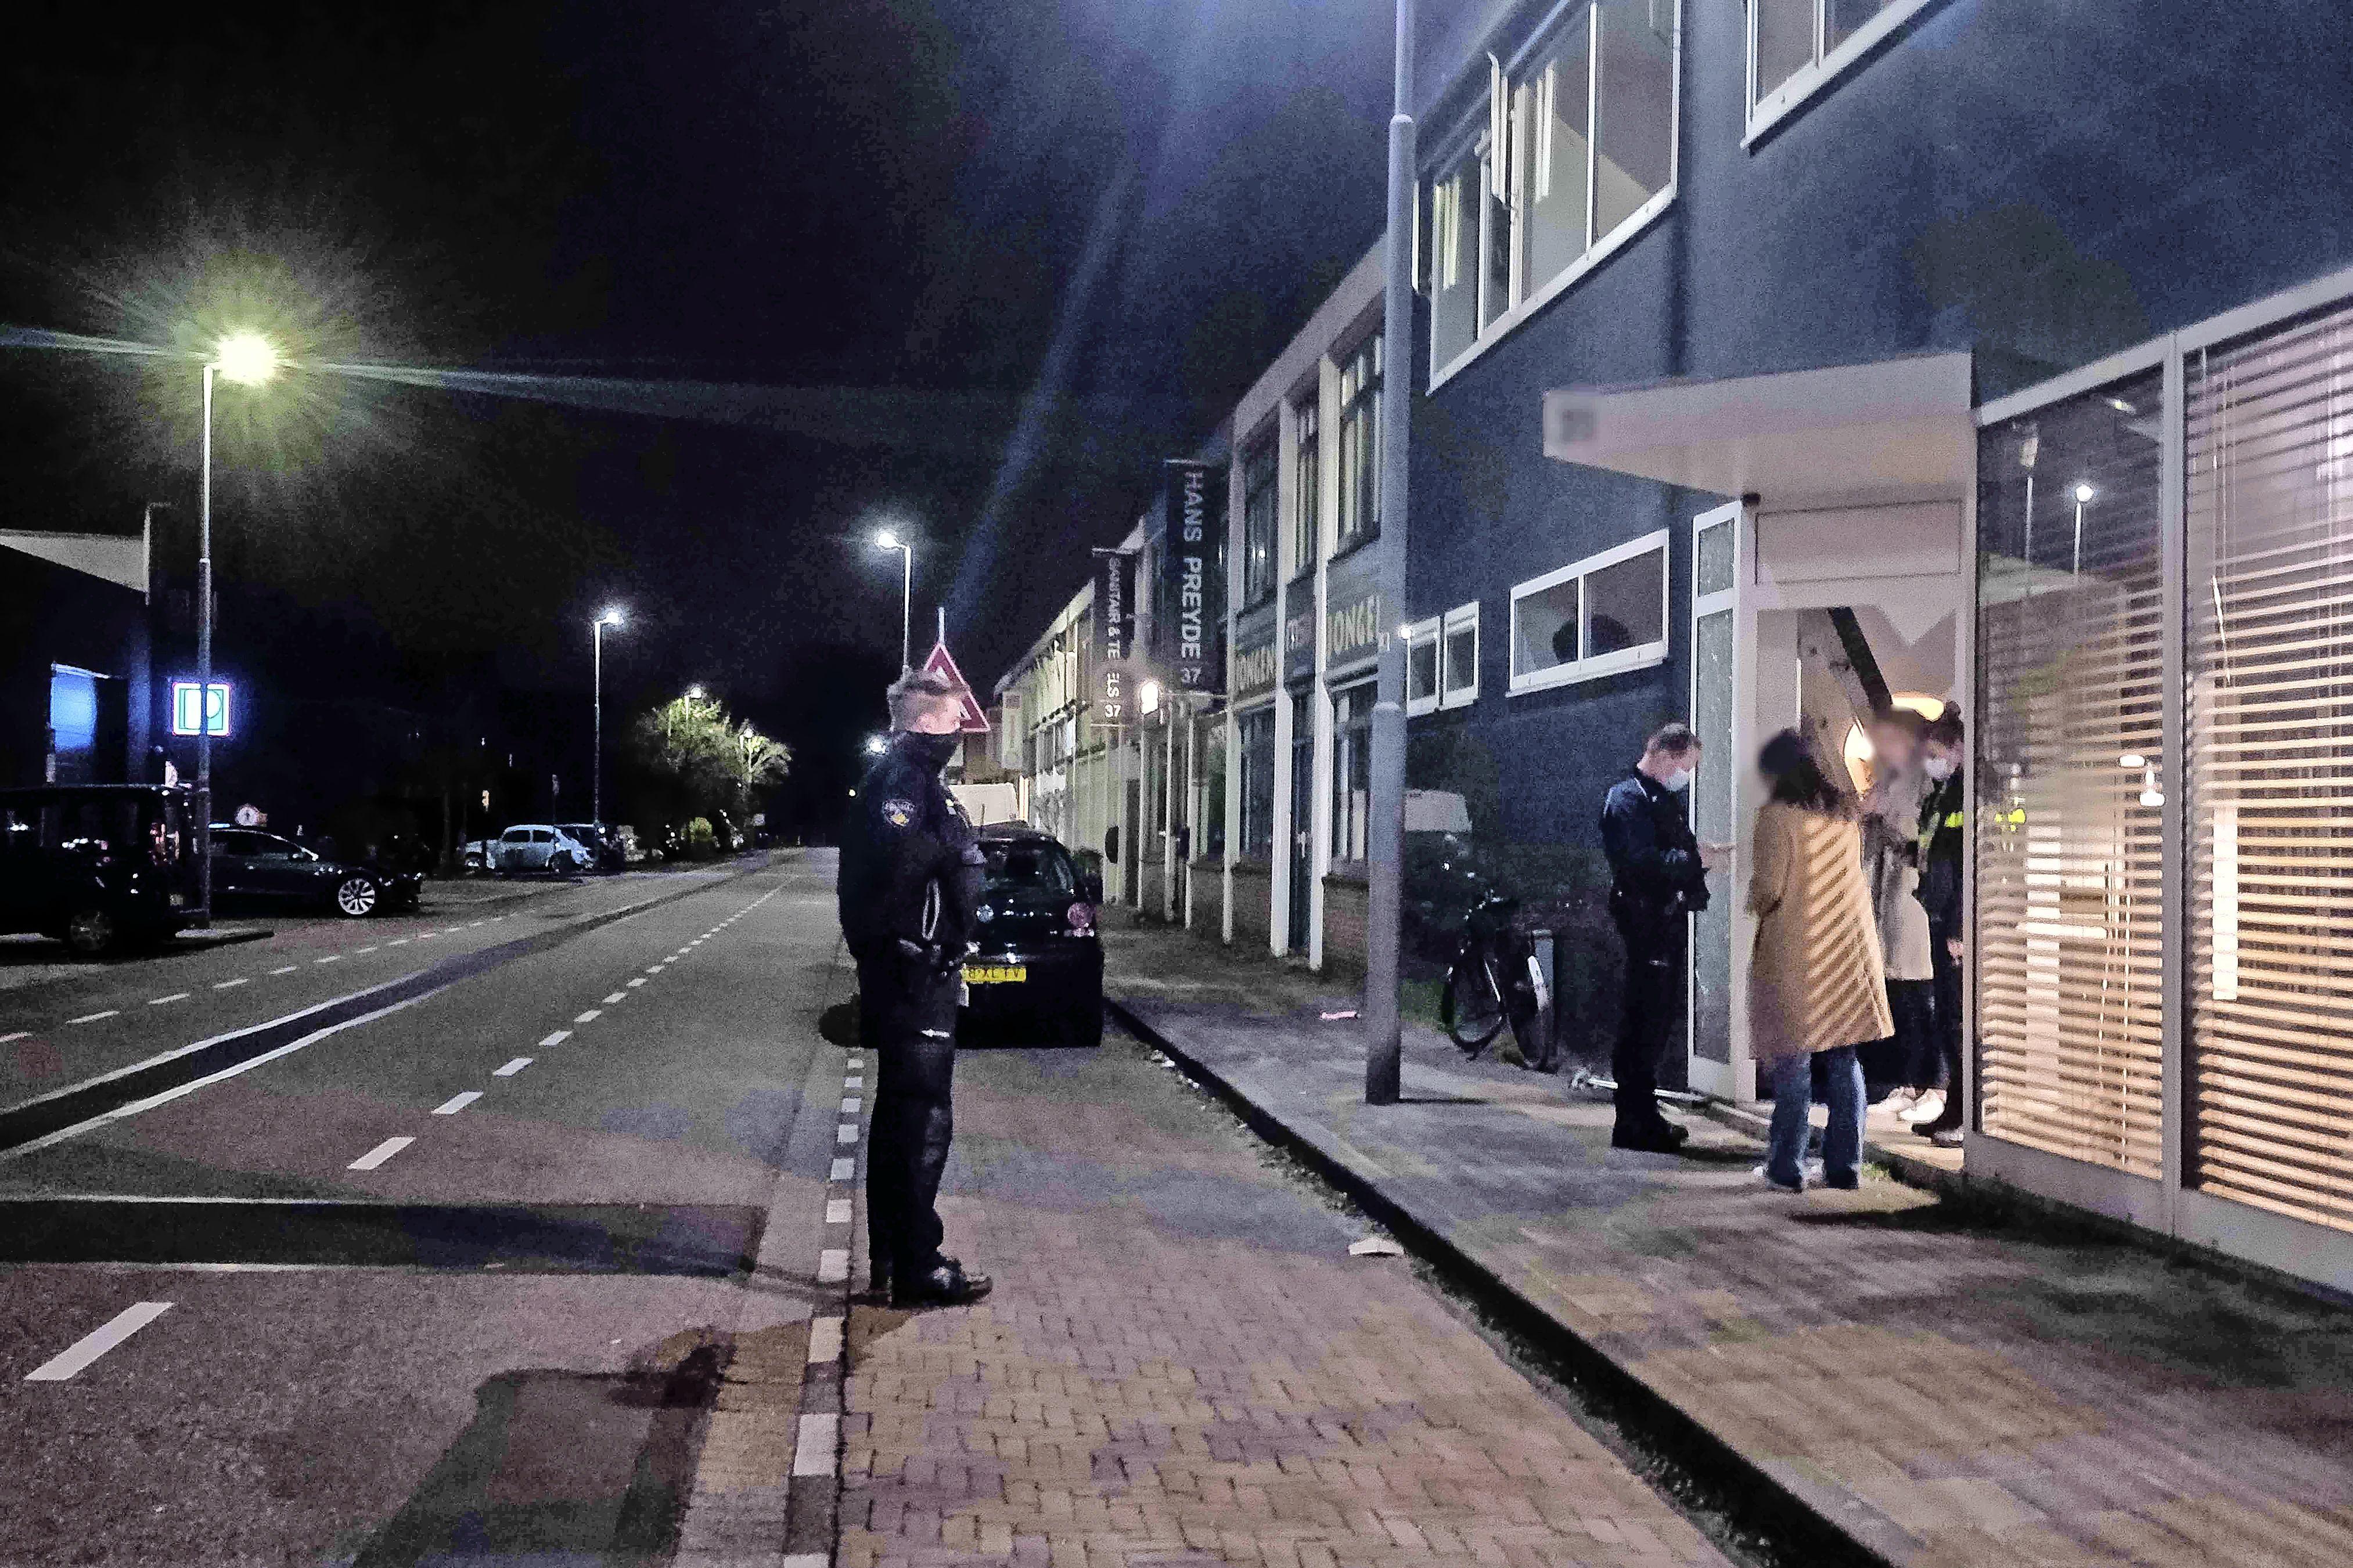 Politie stuit op illegale party en stuurt twintig feestgangers weg; vier proberen zich nog te verstoppen